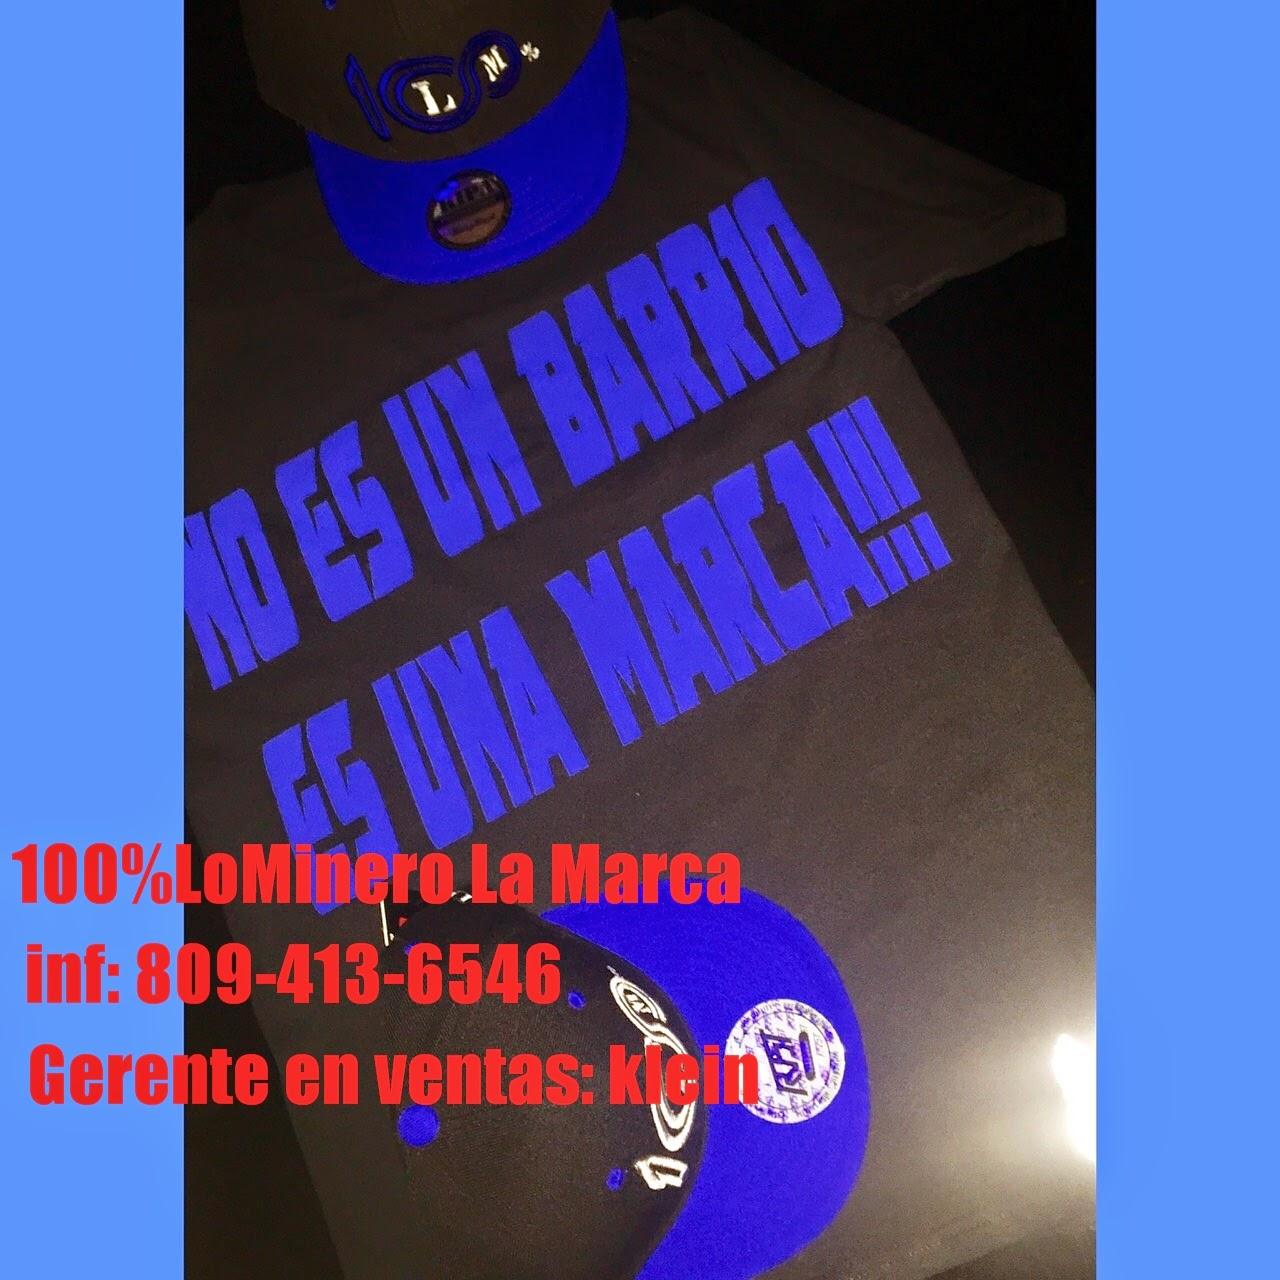 CONTACTO:809-413-6546 KLEN